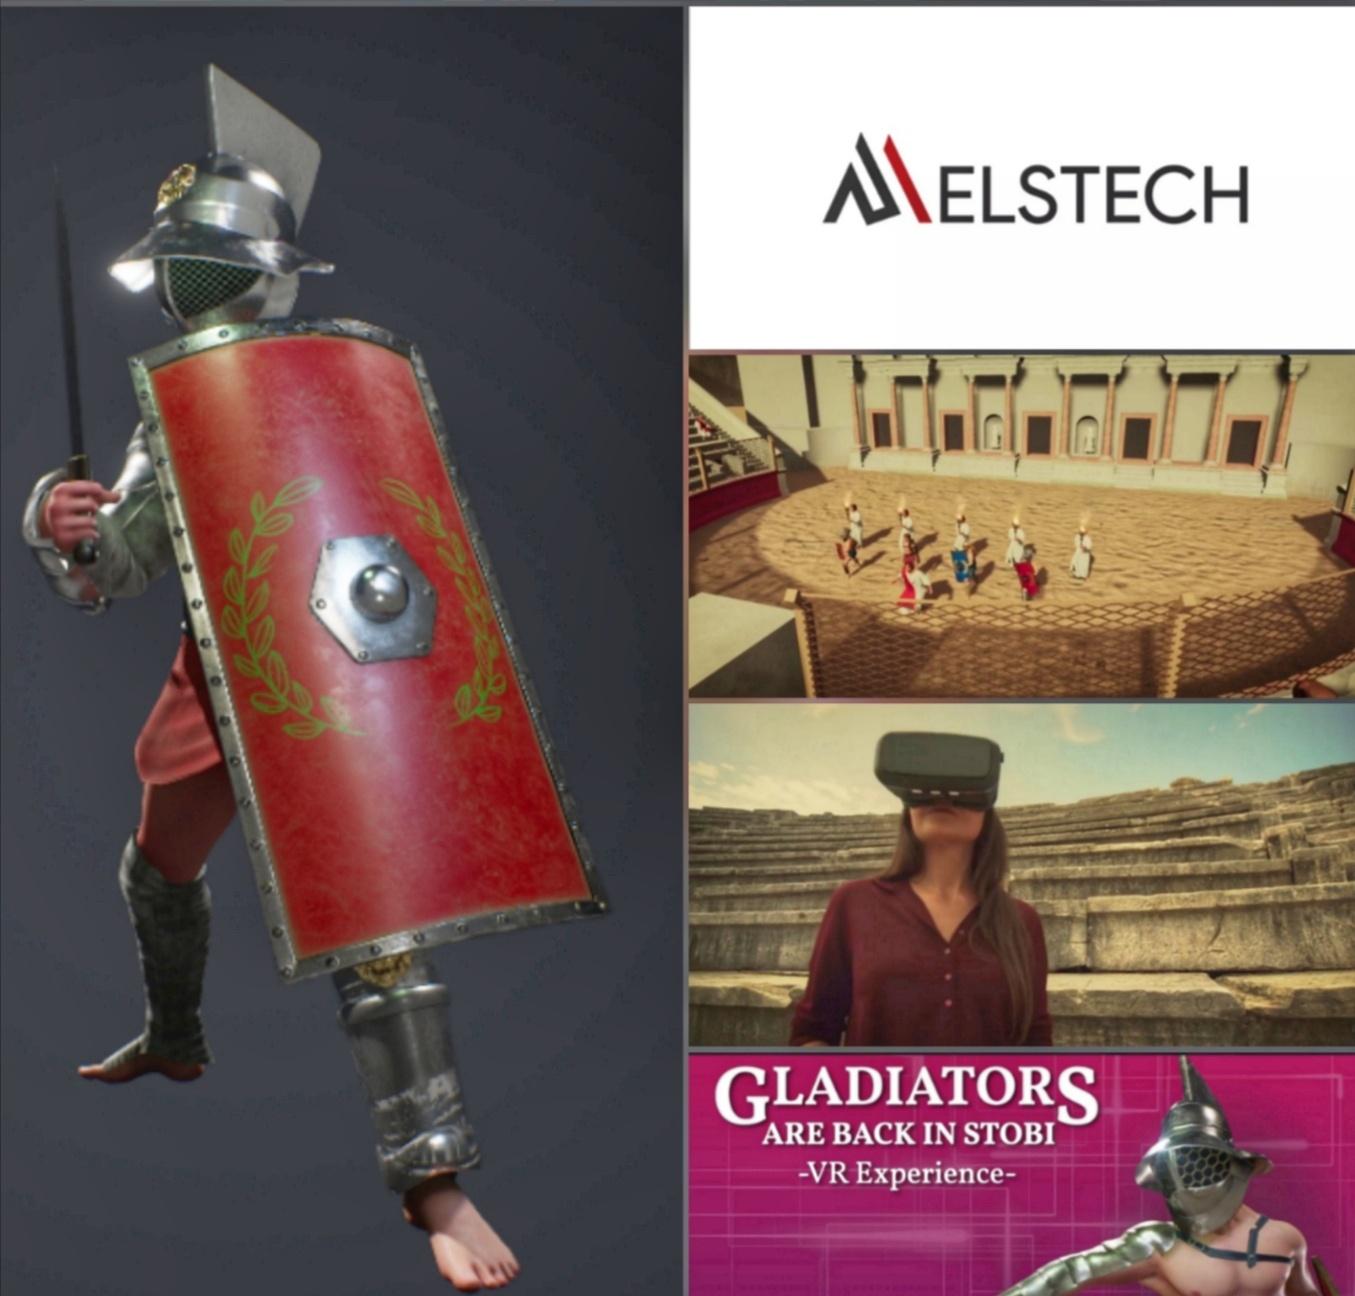 Битолската компанија Melstech ја изработи првата апликација во виртуелна реалност (VR) за Археолошки локалитет во Македонија